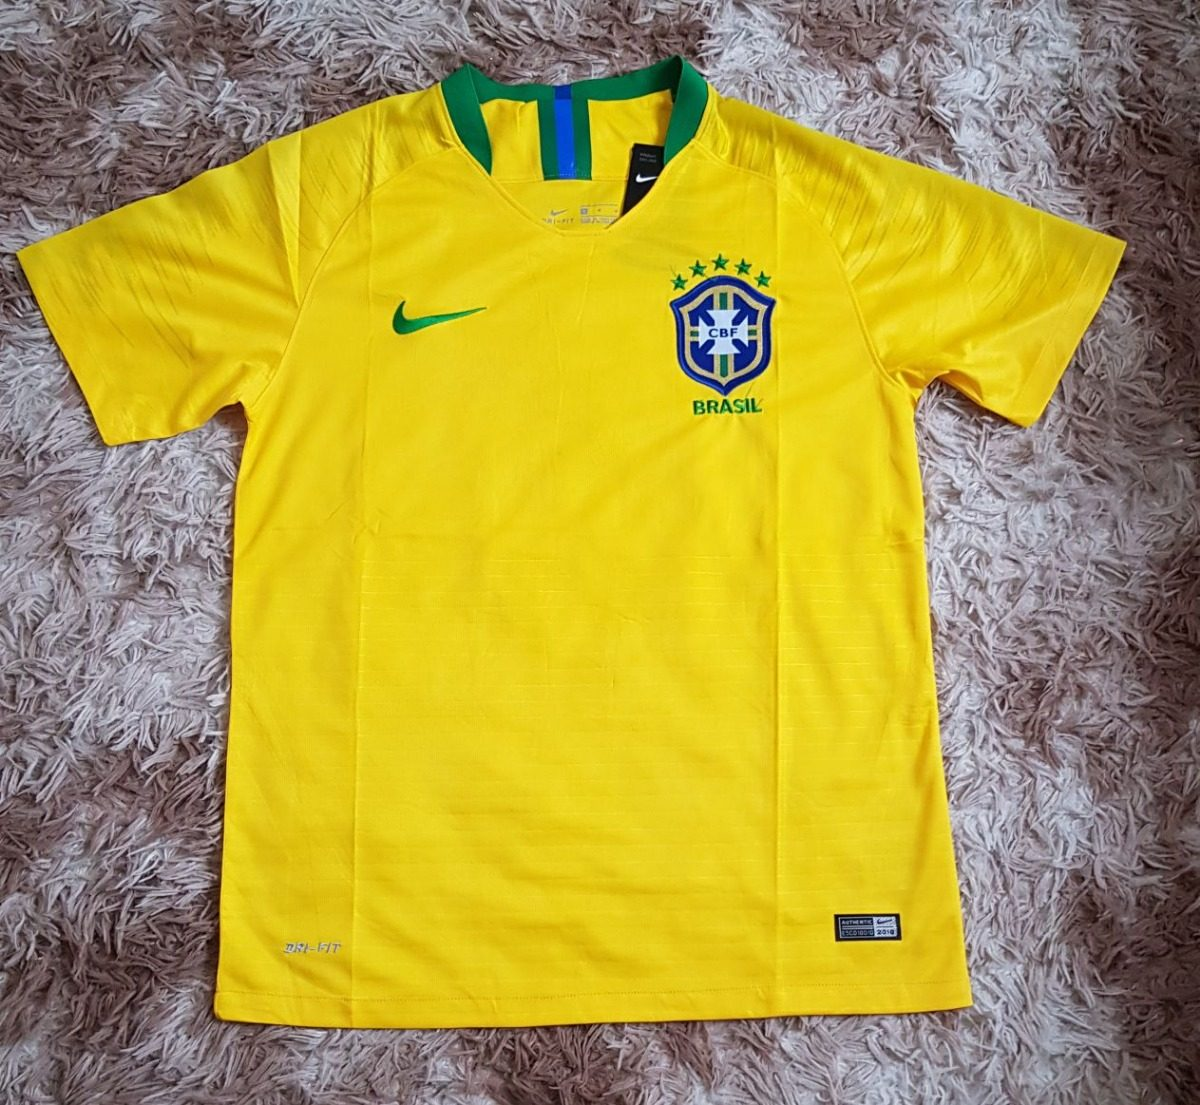 807ba30dd1b3d camisa nike seleção brasileira original 2018 rasga preço. Carregando zoom.